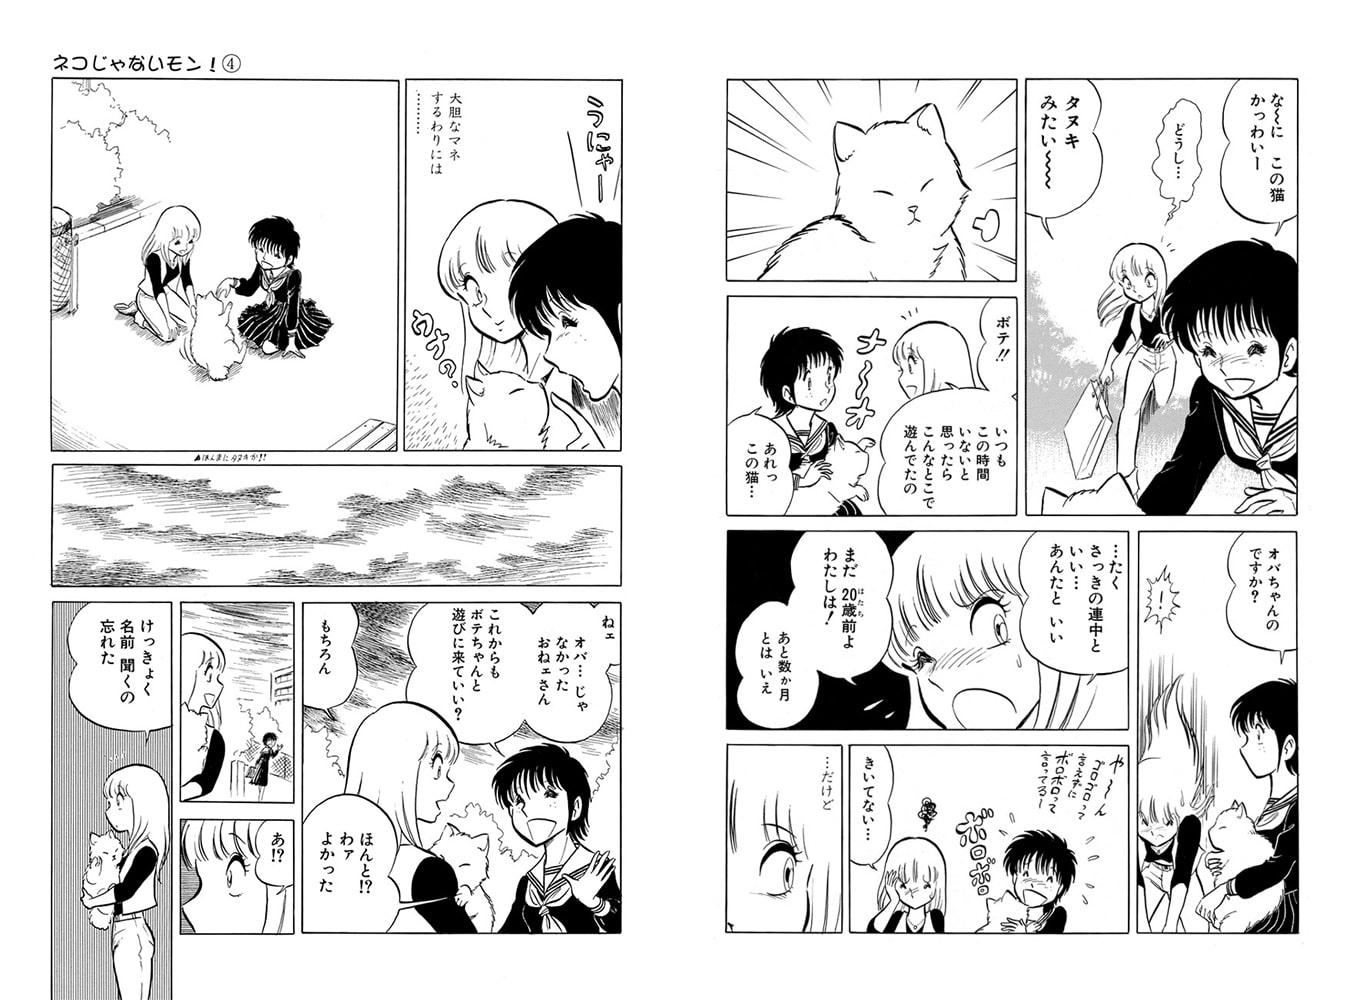 ネコじゃないモン! (4)